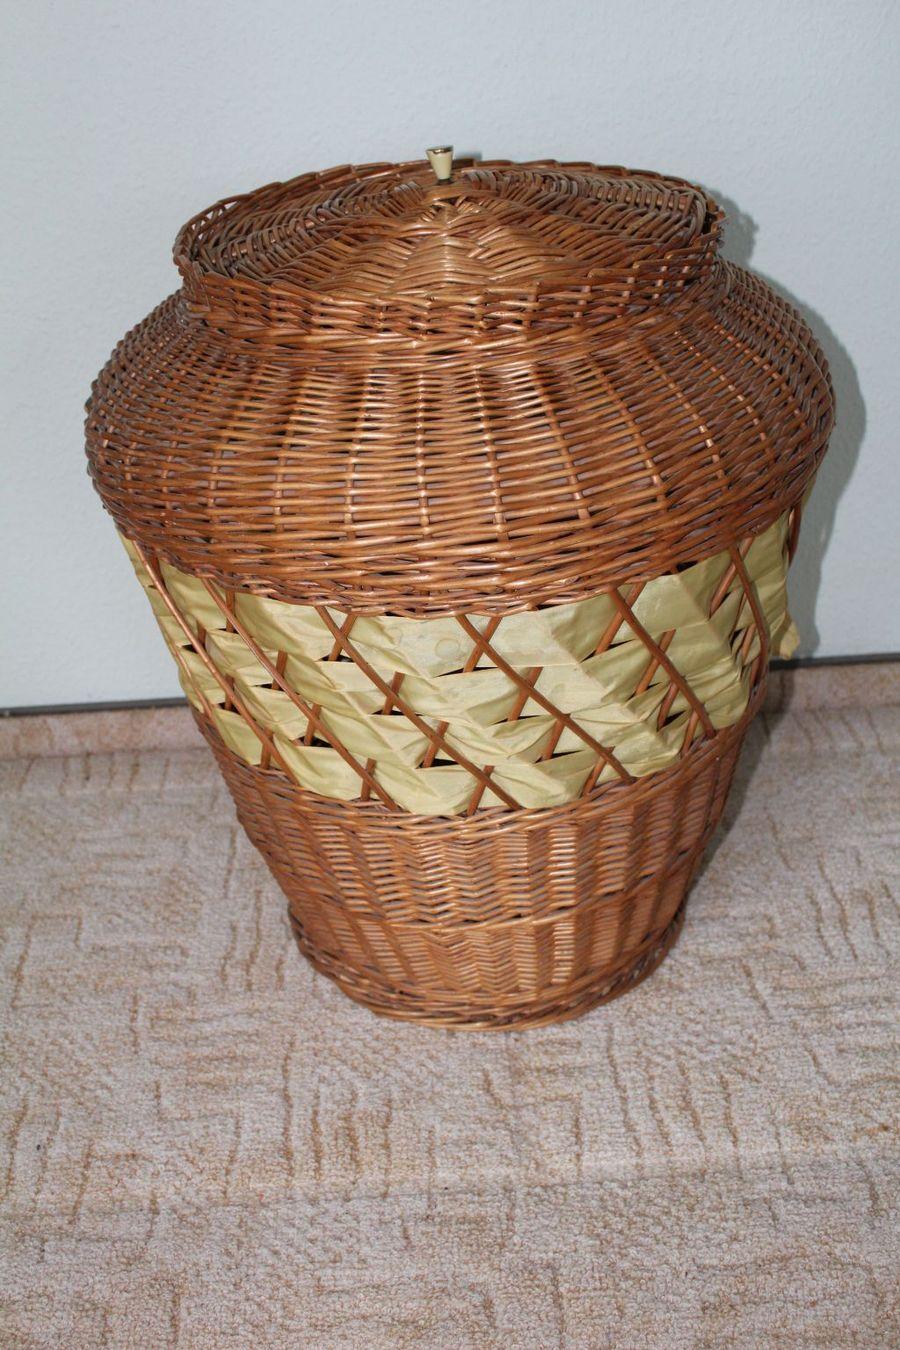 geflochtener brauner Wäschekorb mit Deckel zu kaufen bei Fairmondo ~ 01163202_Wäschekorb Plastik Mit Deckel